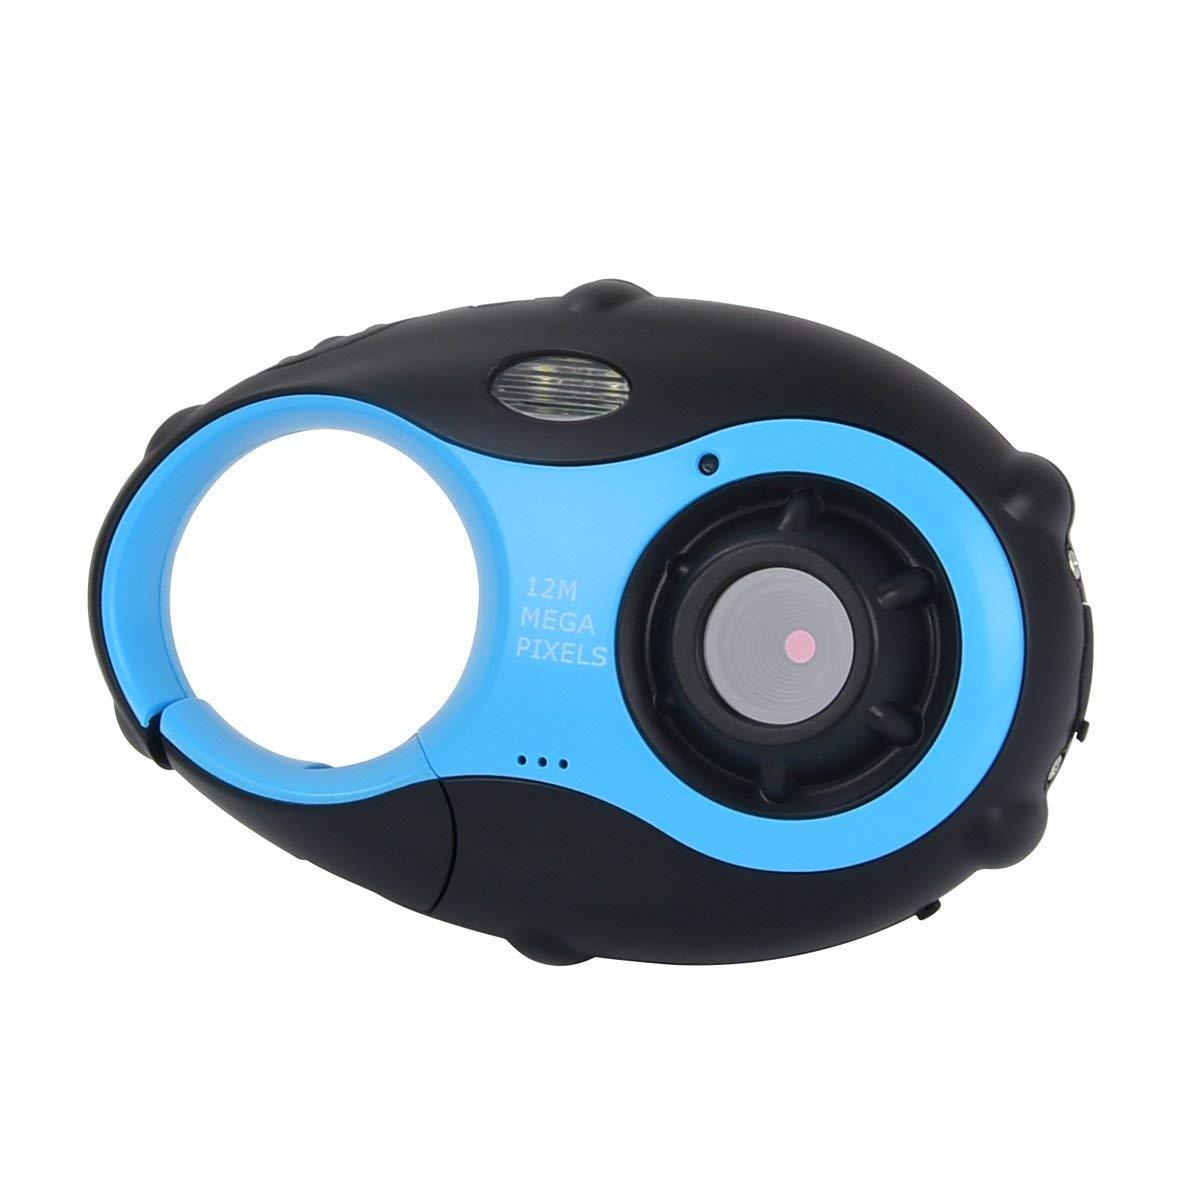 SHENGY Kinder Digitalkamera 12MP 1,5-Zoll-HD-Bildschirm Schlüsselanhänger Mini-Kamera leichte Drop Drop Kinder Jungen und Mädchen Geschenke,Blue